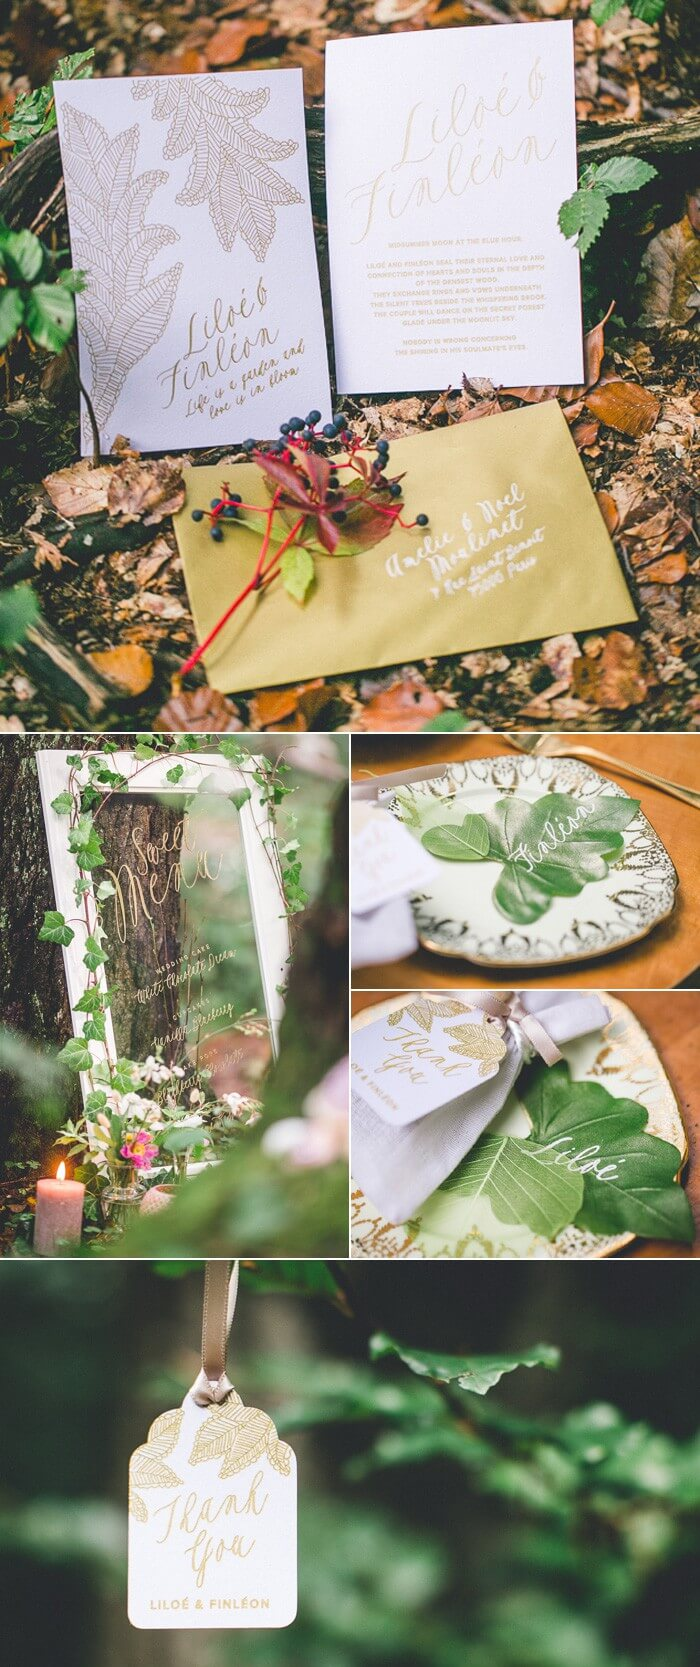 Hochzeitspapeterie für eine Waldhochzeit: Einladungskarten, Menütafel, Namenskarten, Gastgeschenk